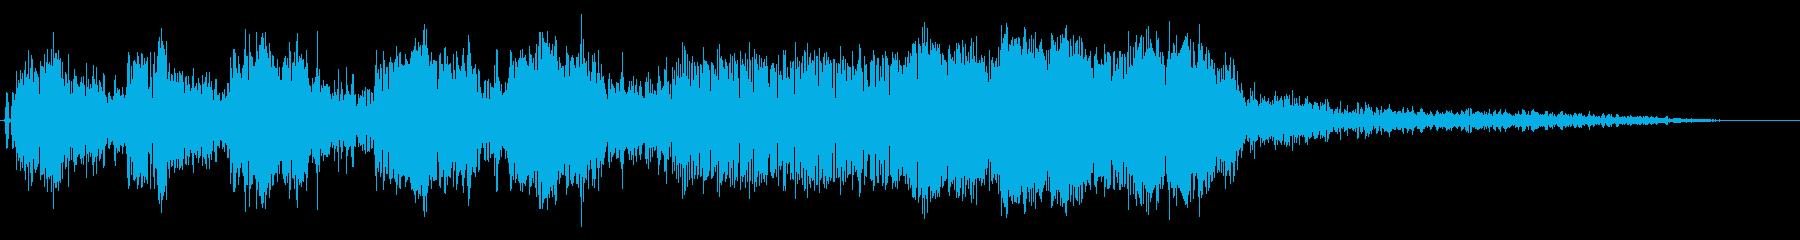 オートバイ/バイクド迫力のアクセル音5!の再生済みの波形